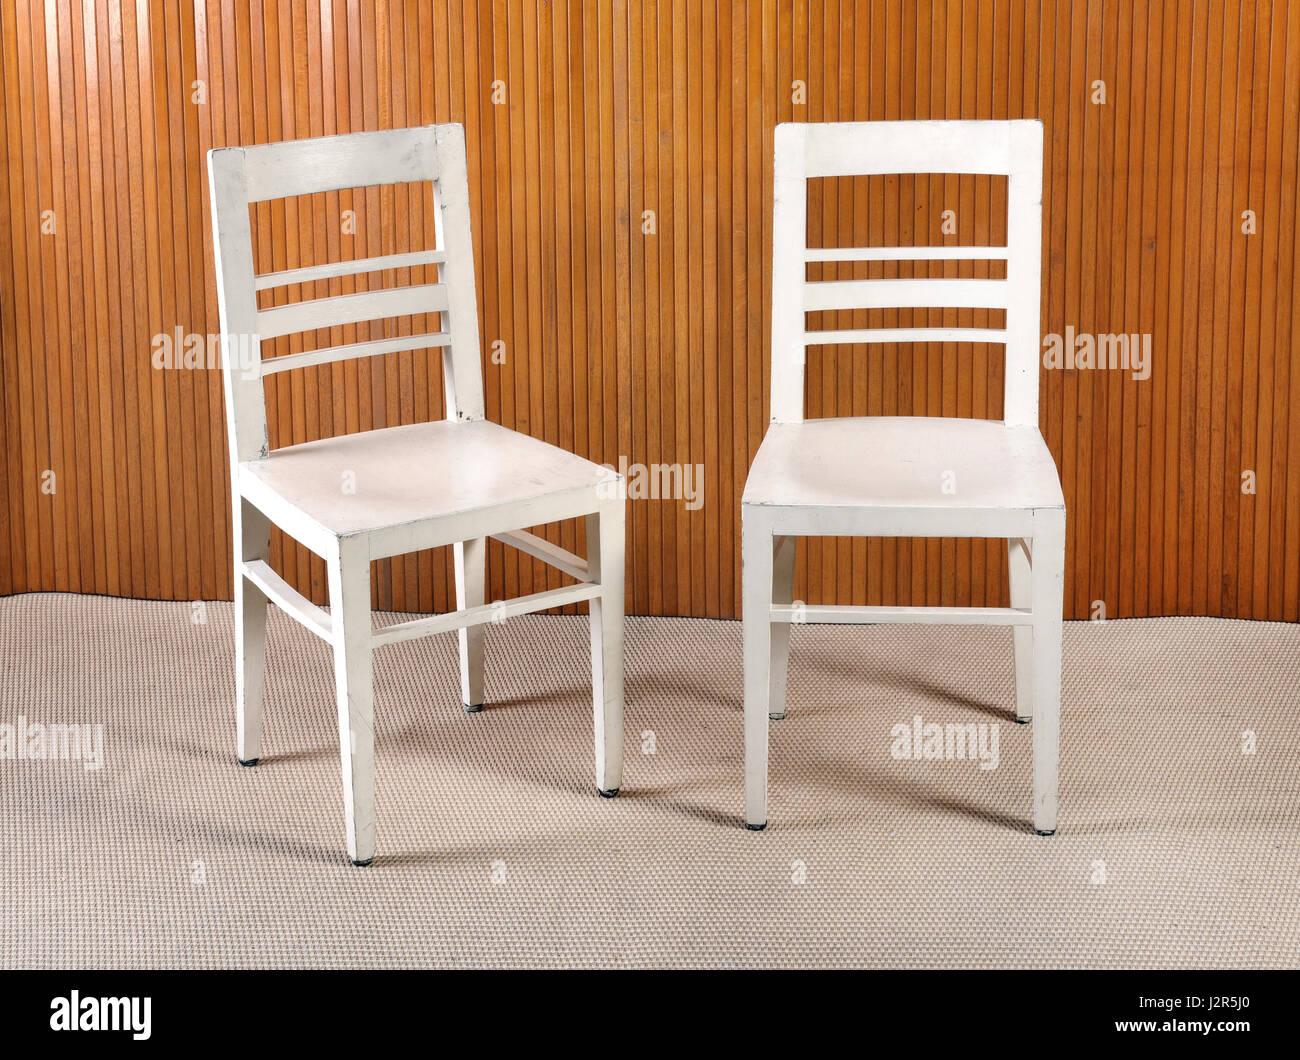 Salle Chaise De Bois Peint Deux À Ou En Simple Blanc Ordinaire DEbIWHYe29